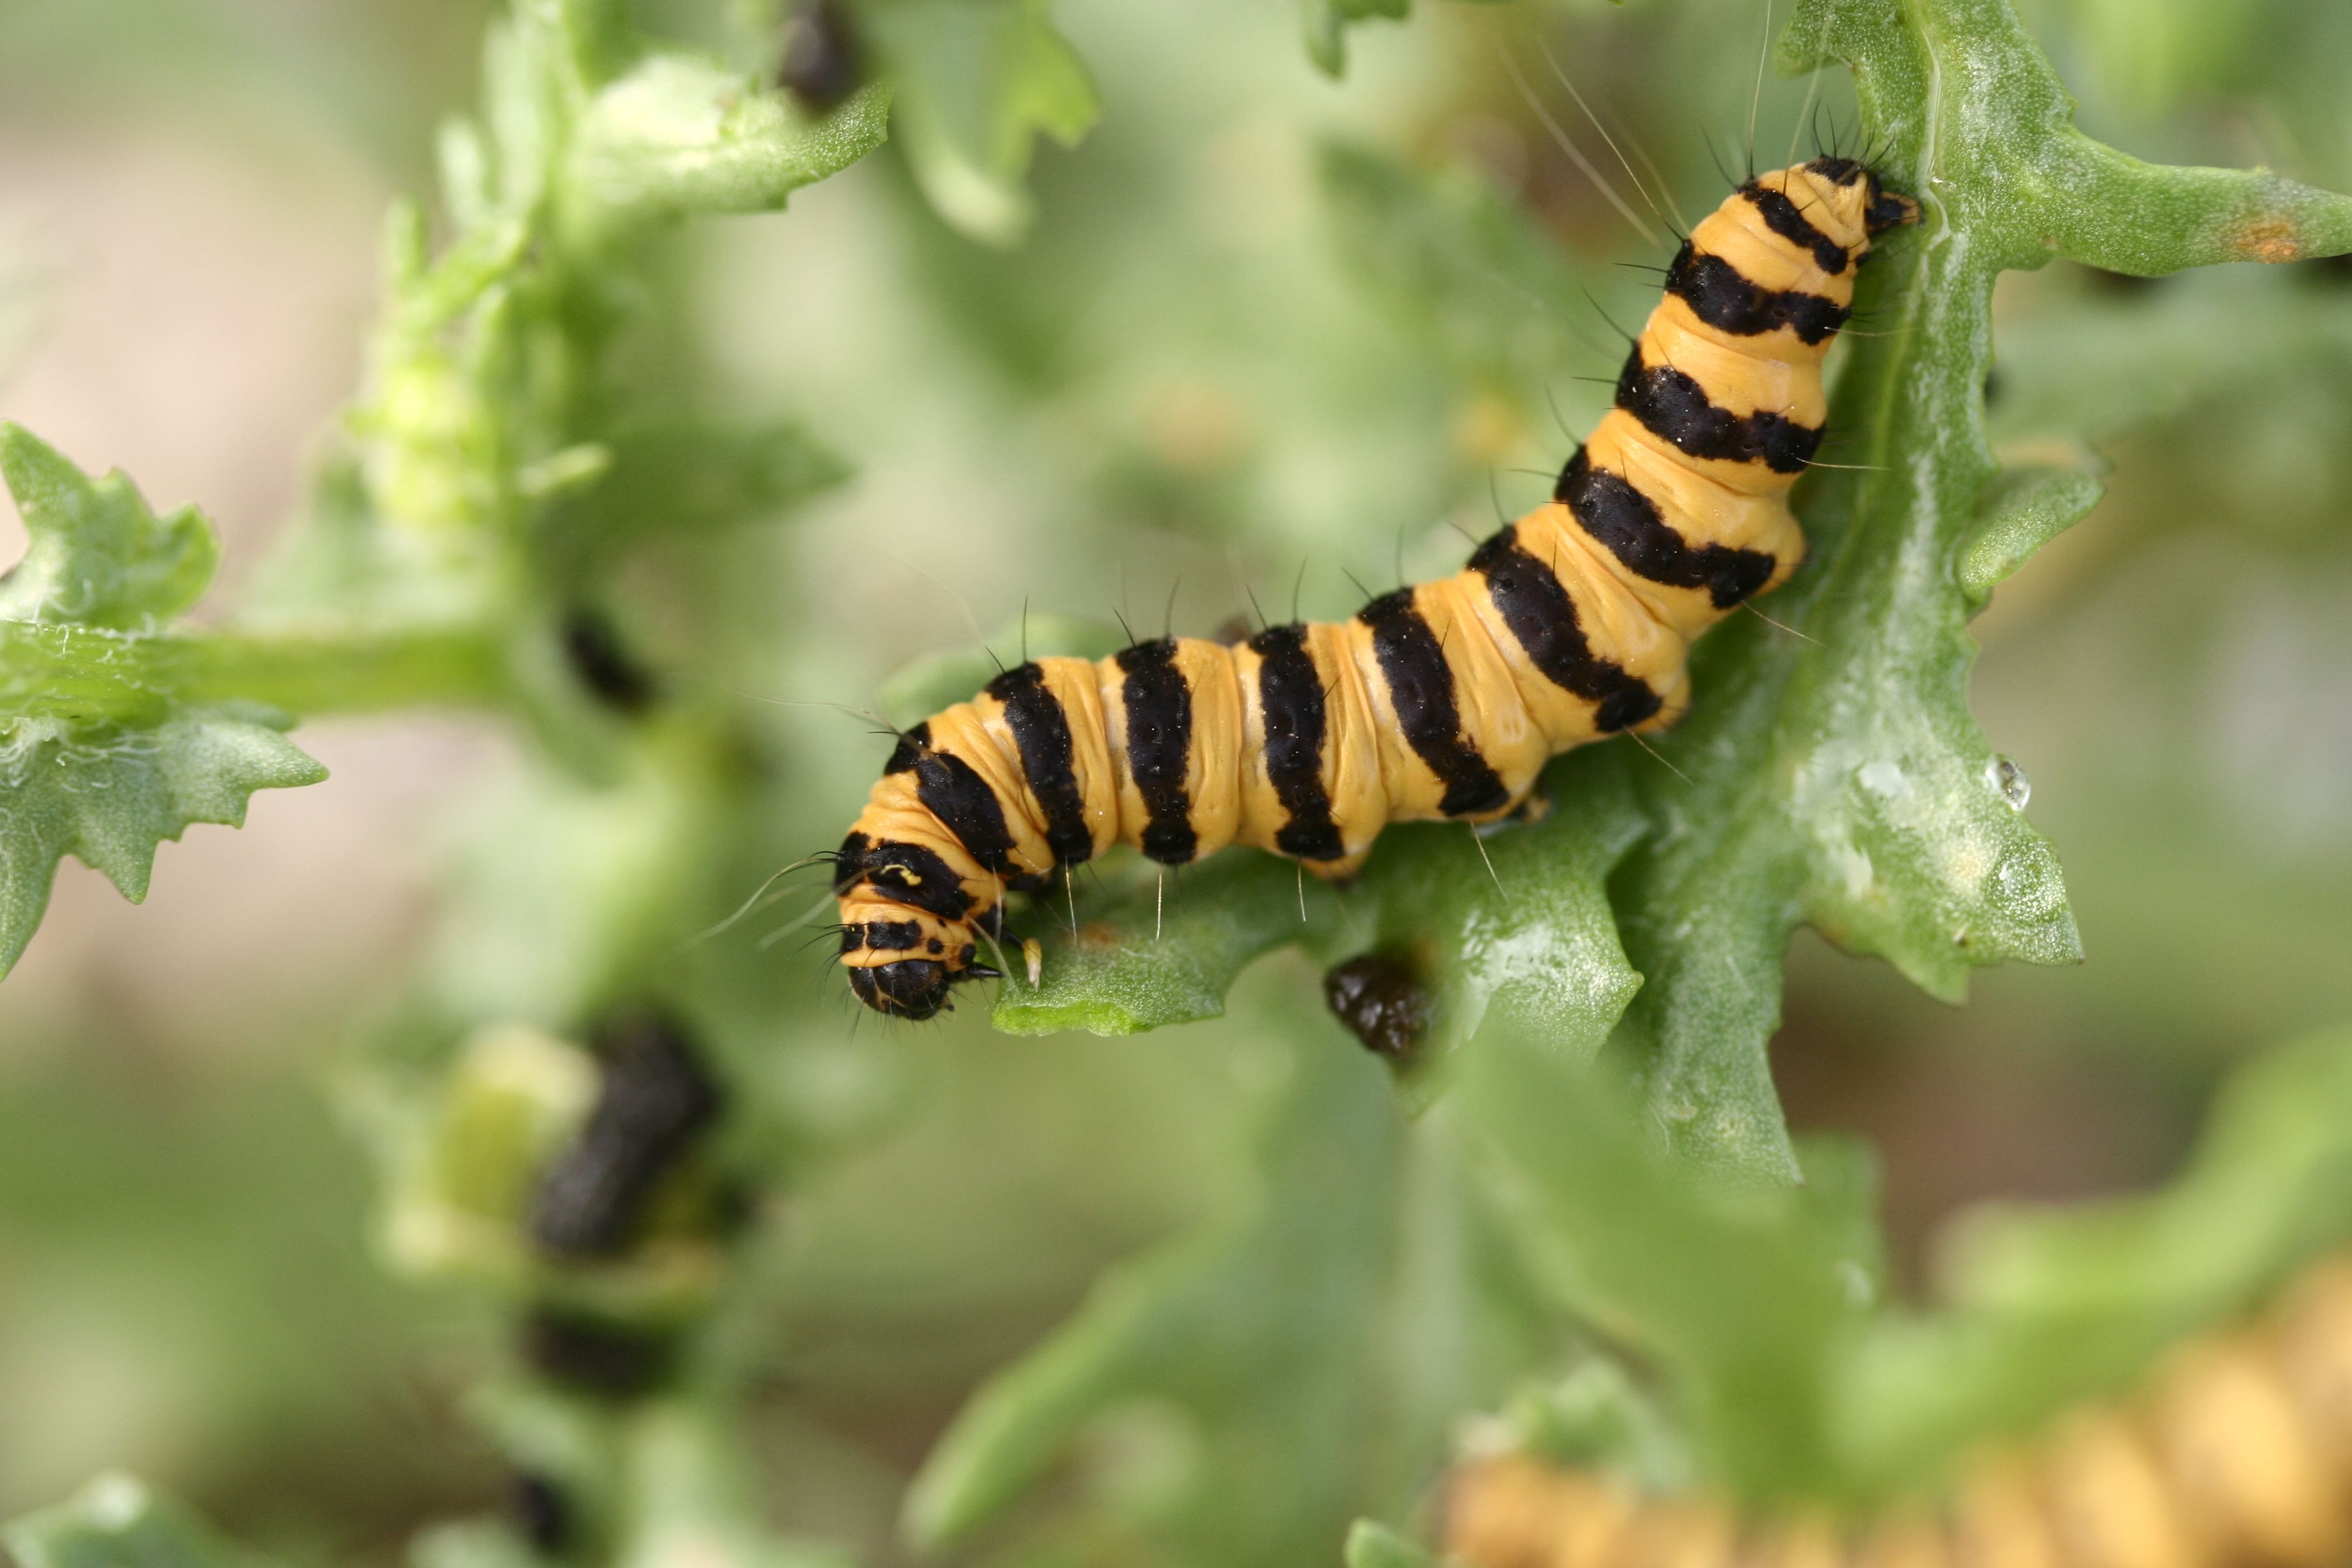 Lutte bio contre les ravageurs et sans pesticide le blog - Produit naturel contre les pucerons ...